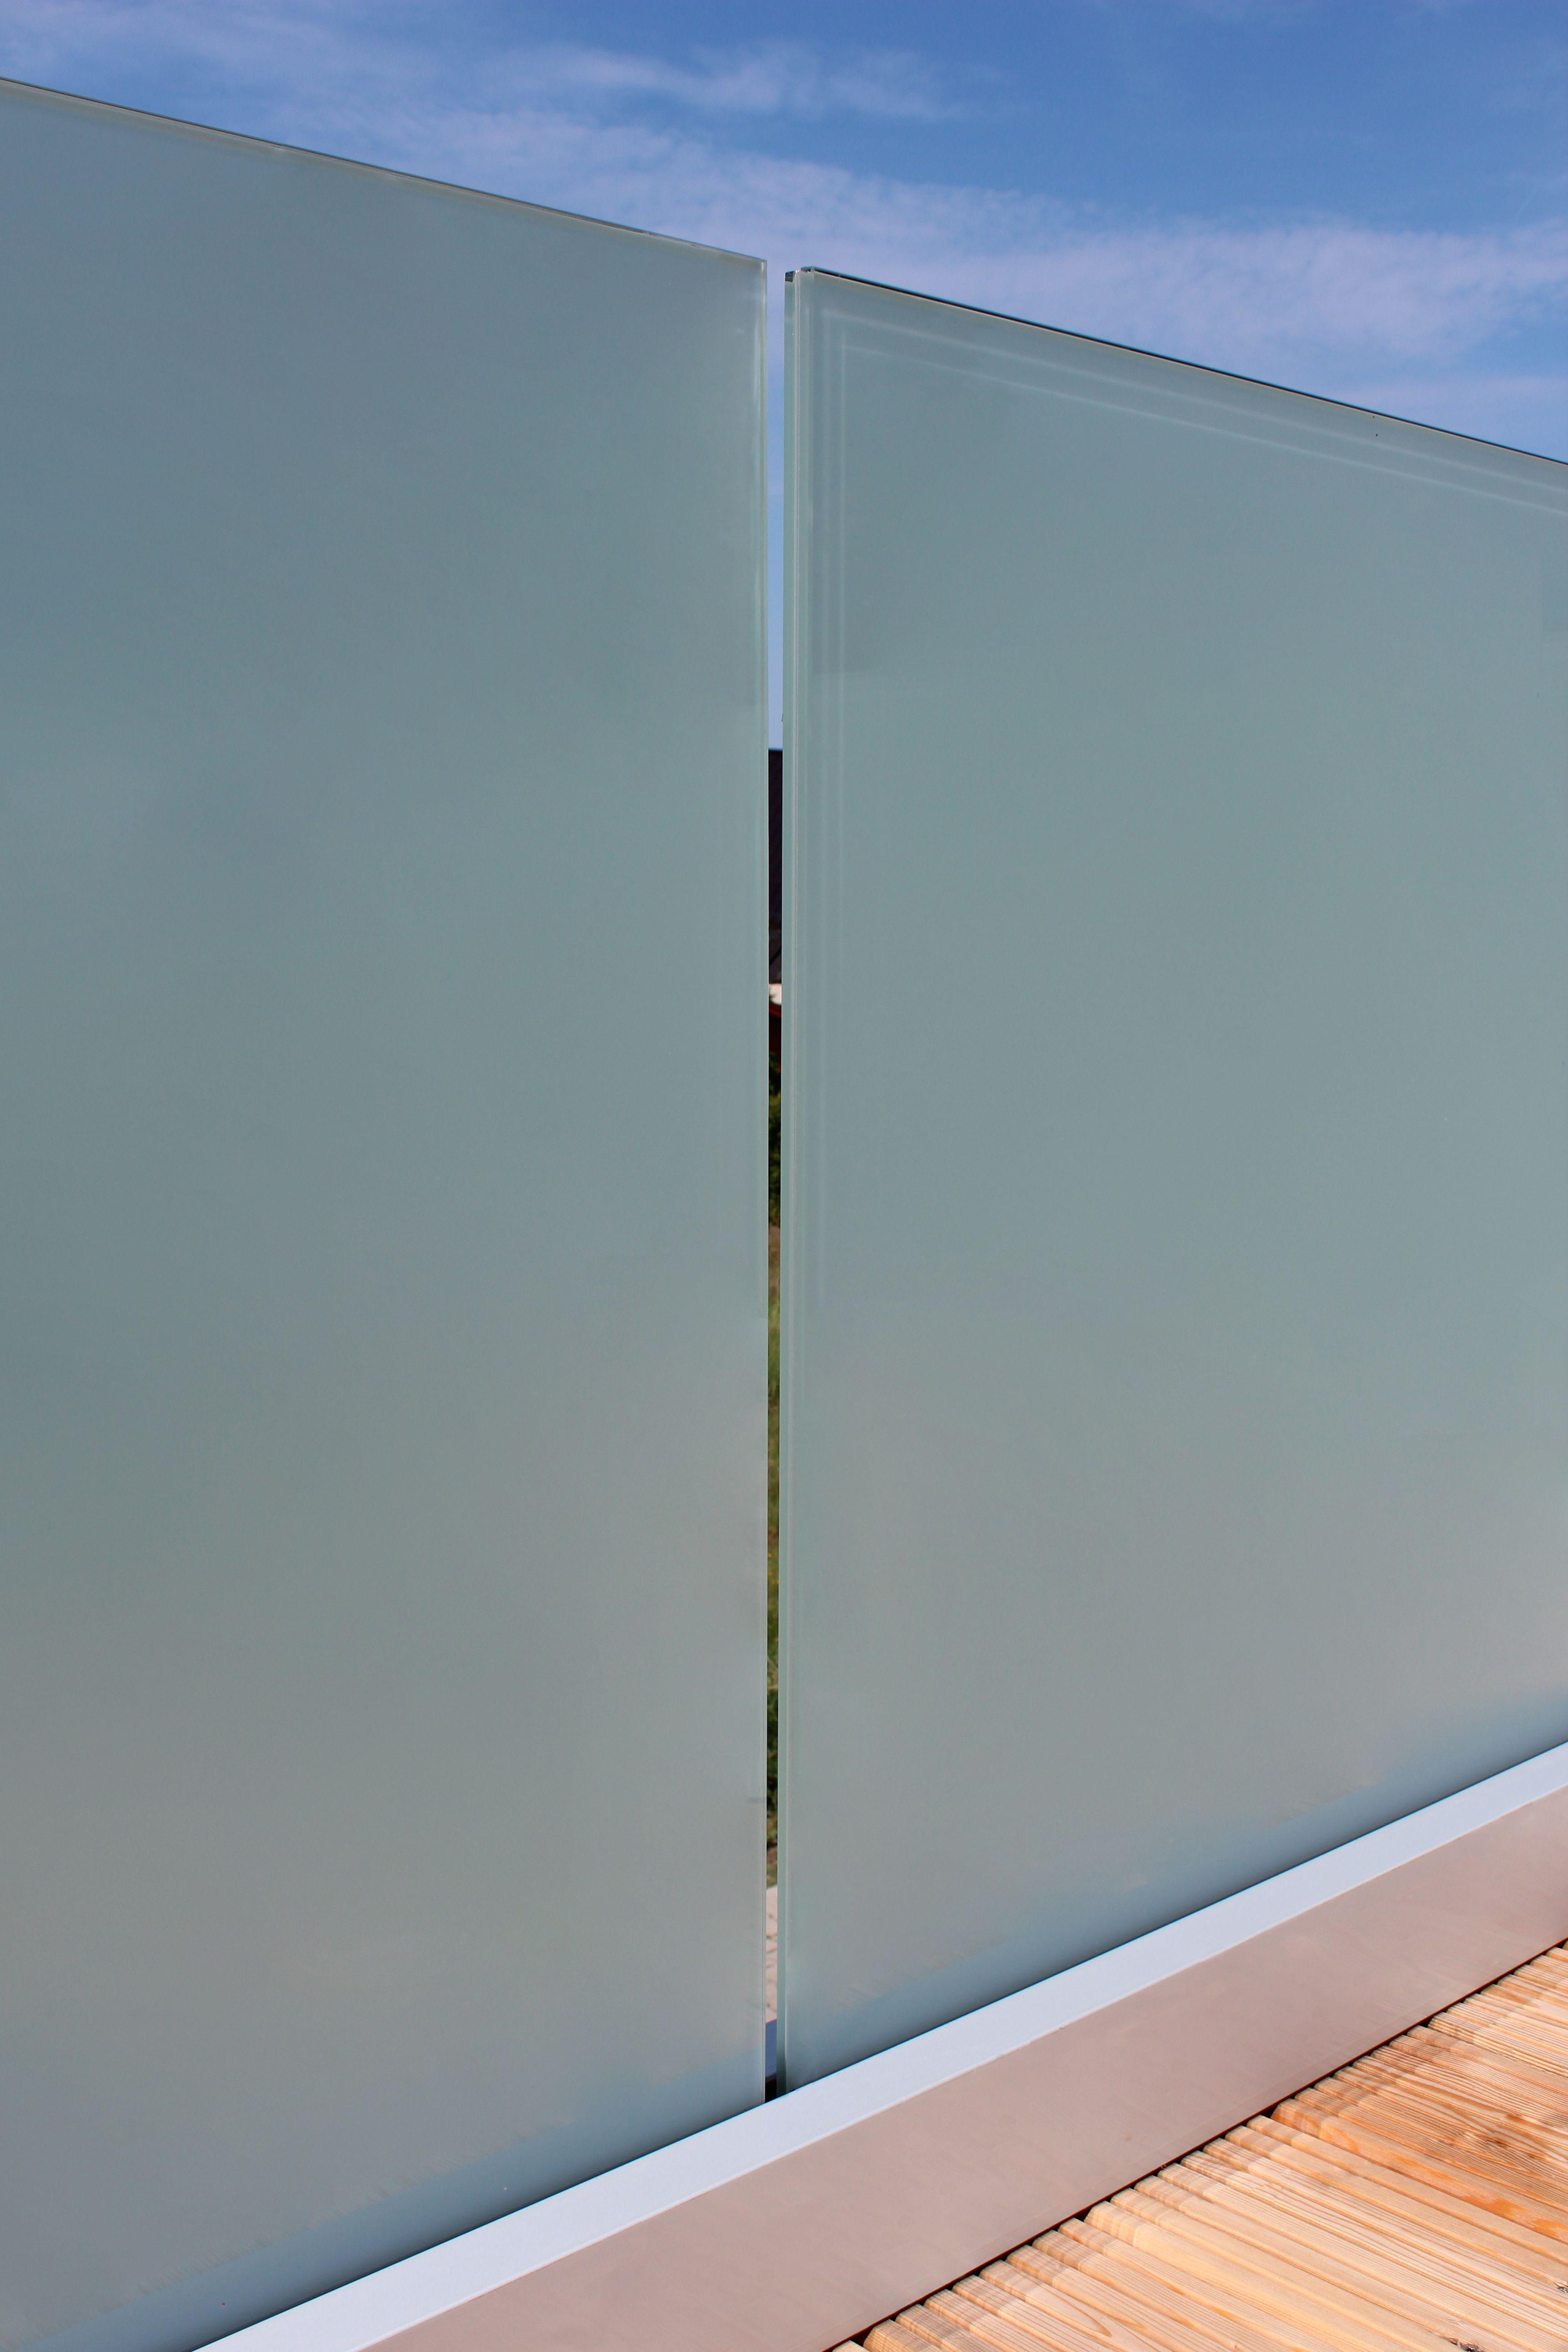 Glasbrüstung mit Profil aus Aluminium als Sichtschutz